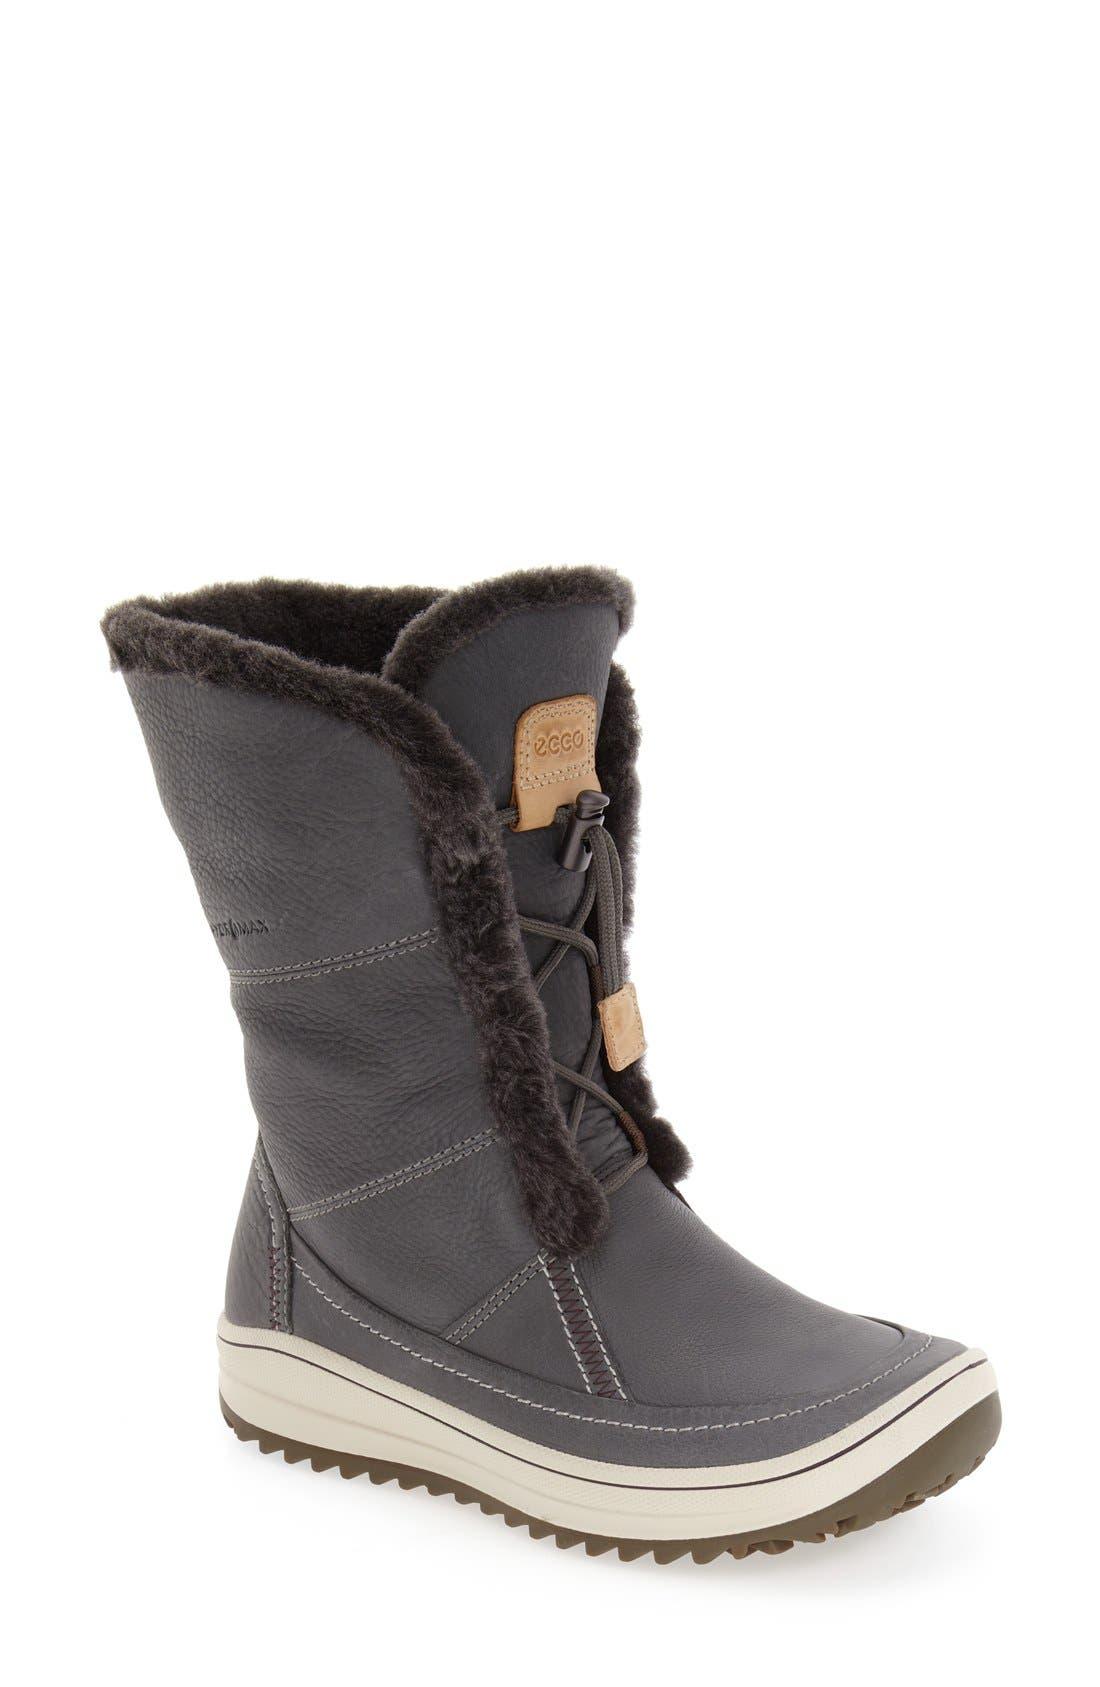 ECCO 'Trace' Snow Boot, Main, color, 077